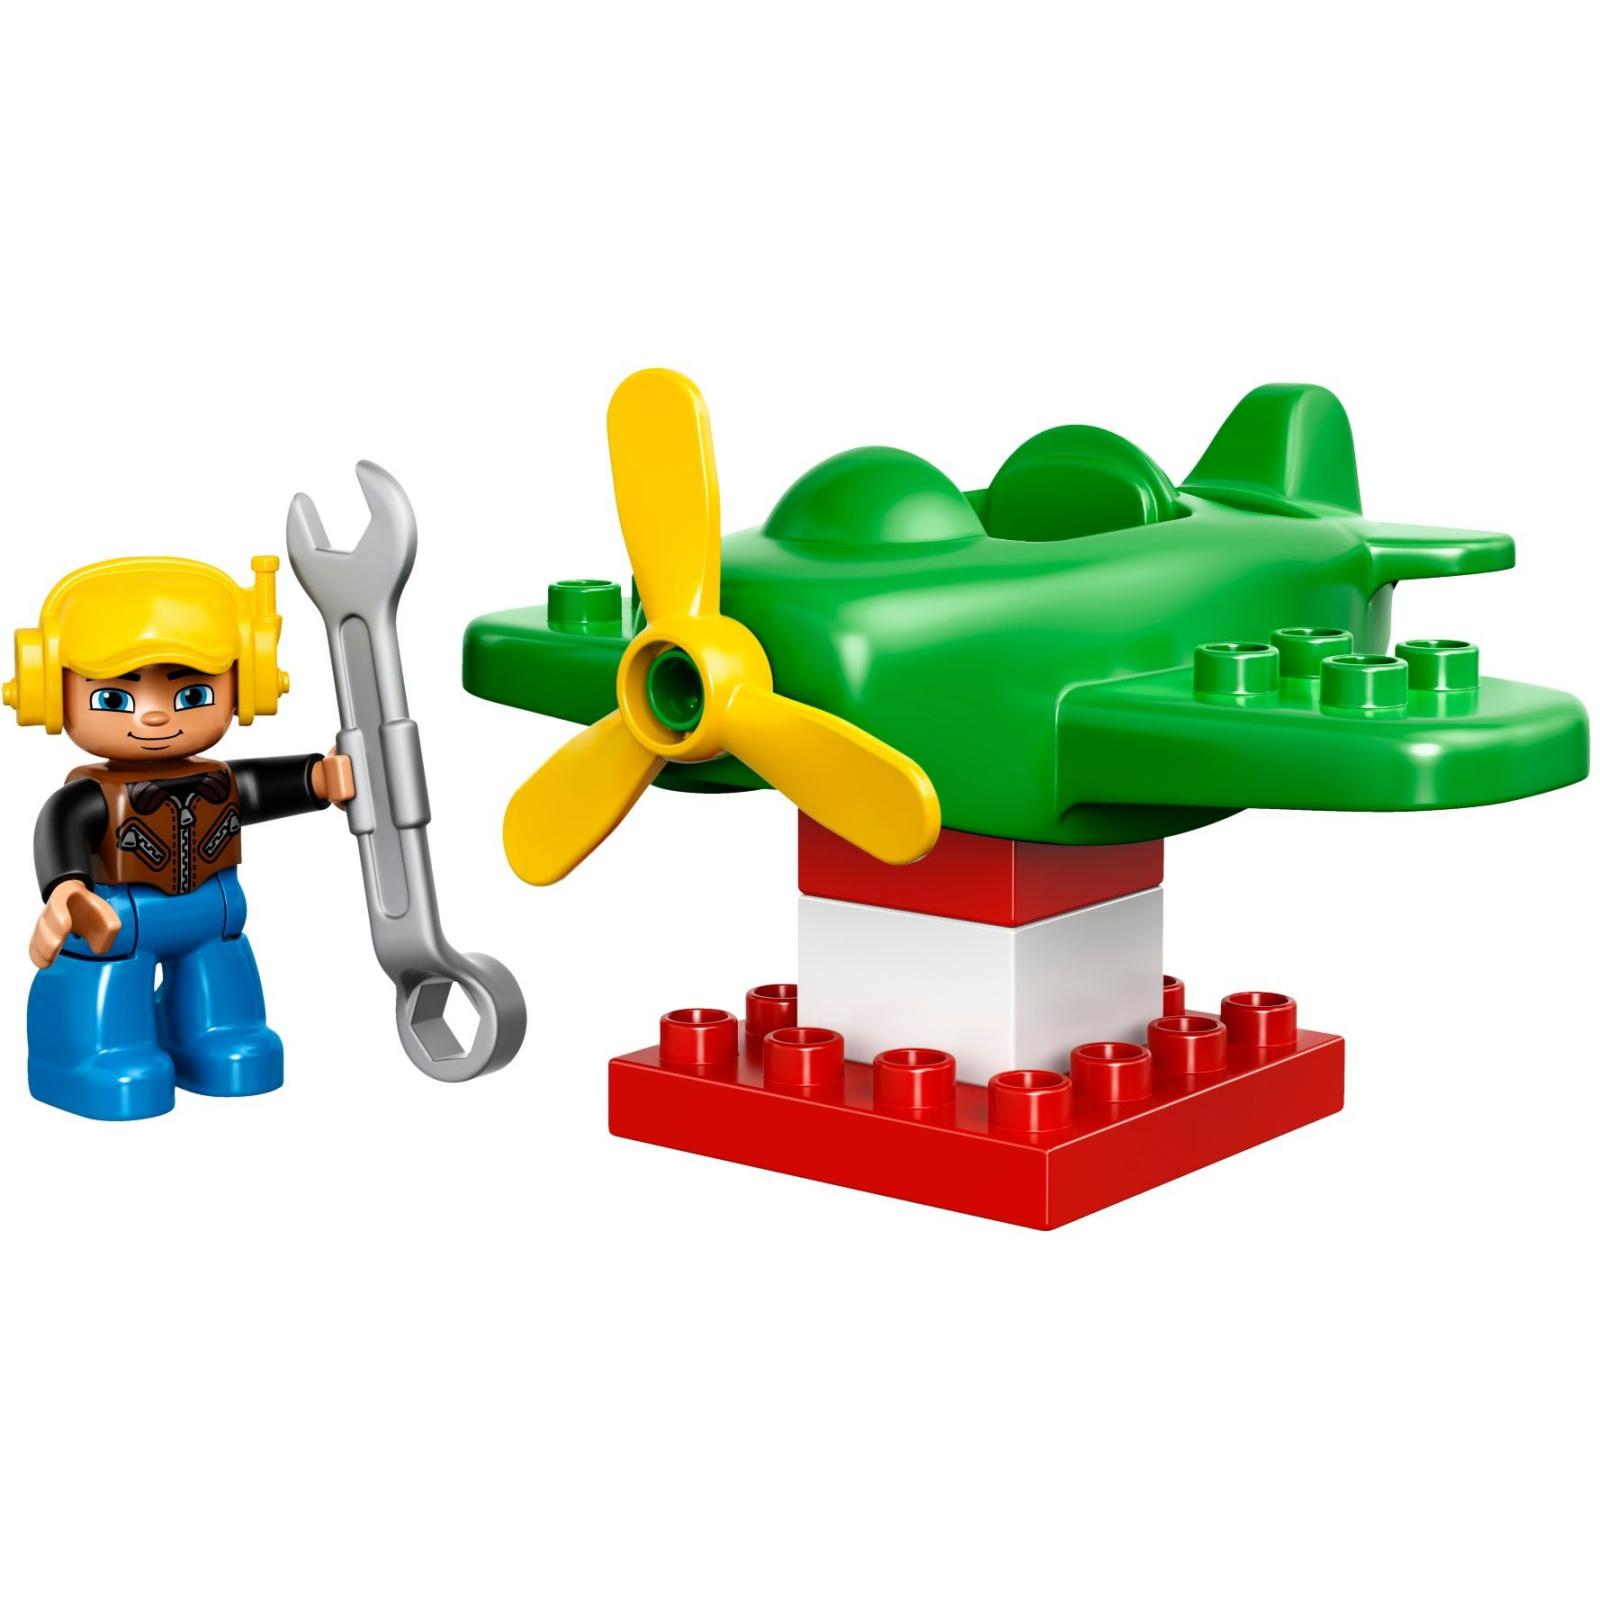 Конструктор LEGO Duplo Town Маленький самолёт (10808) изображение 6